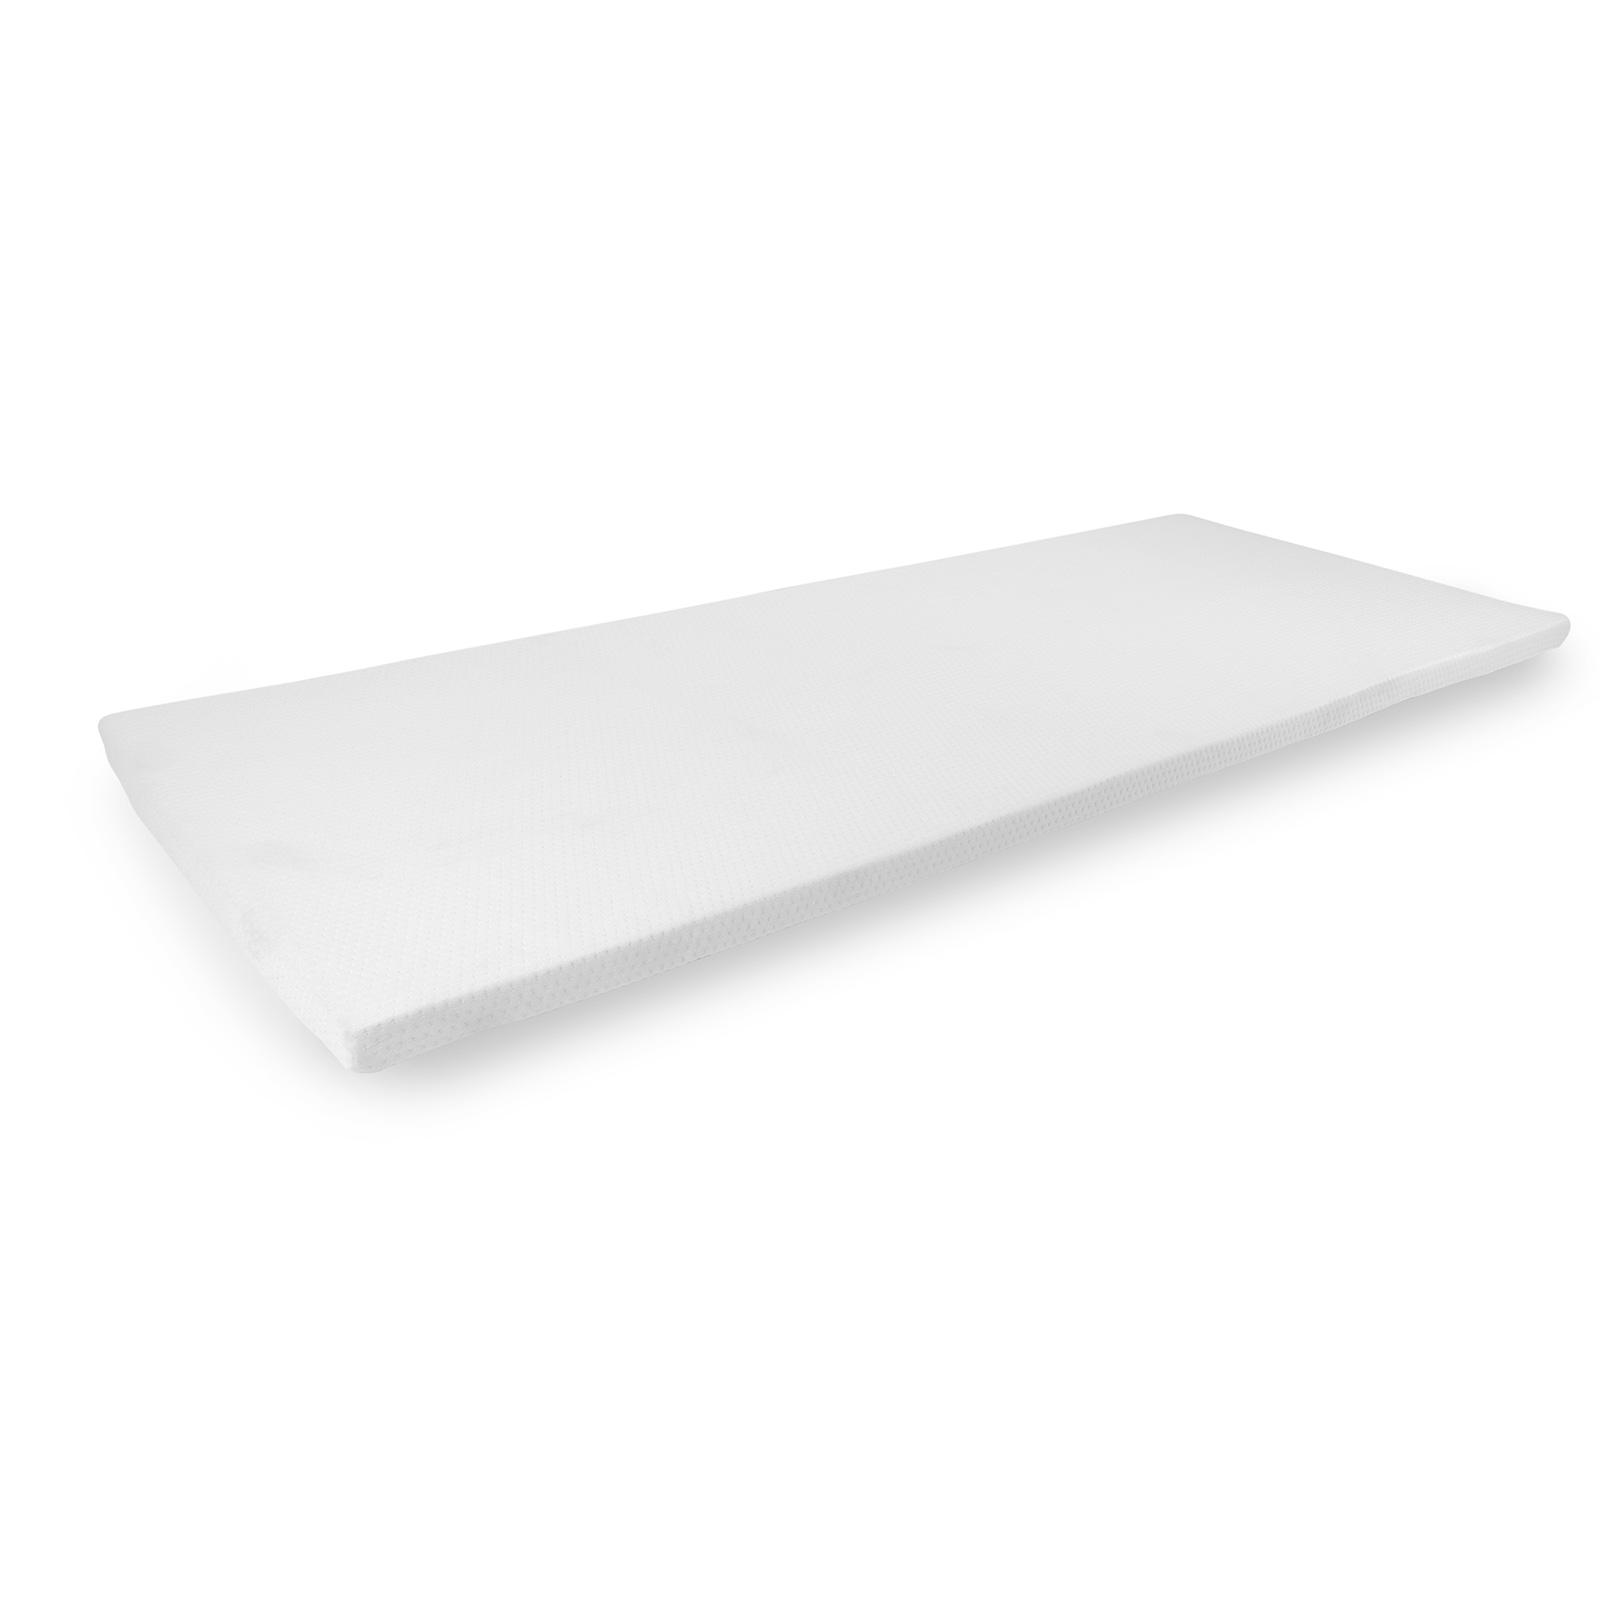 Gel Matratzentopper   Memory Schaum    Antirutsch - Effekt   195 x 80 x 4 cm